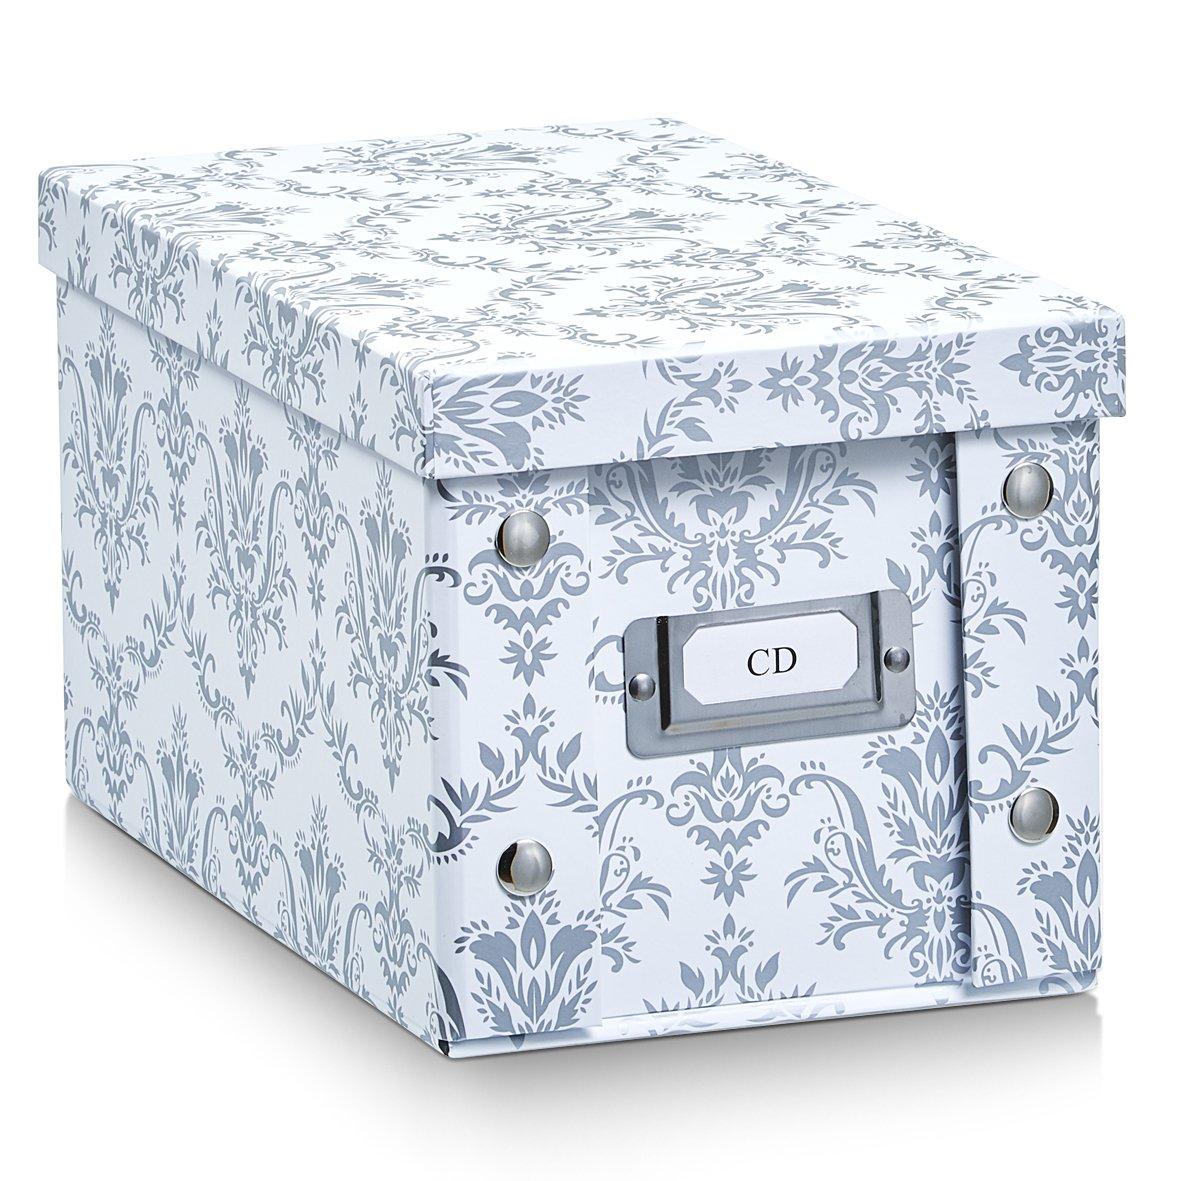 Caja de cartón vintage blancohttps://amzn.to/2SWZrr6